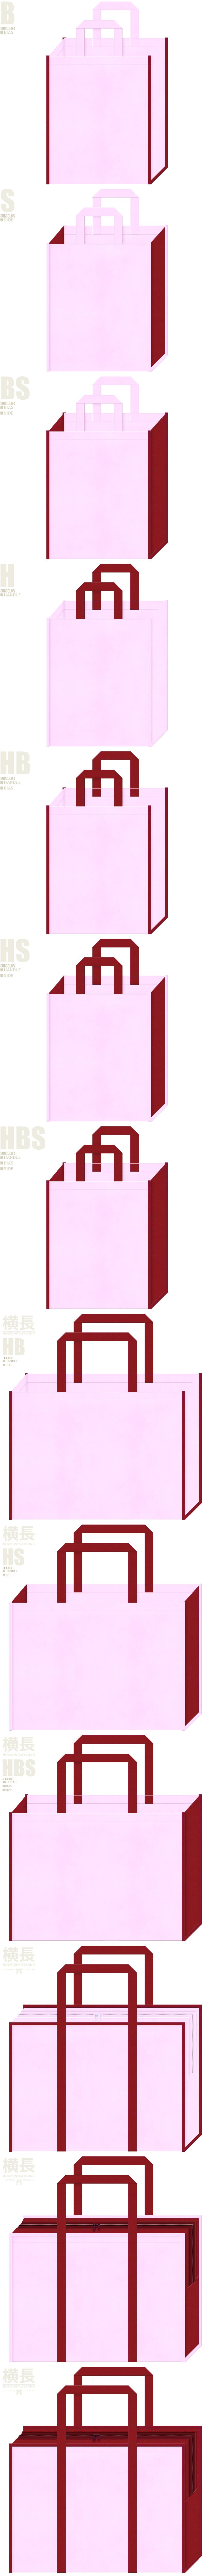 和風催事・ゲーム・オープンキャンパスにお奨めの、明るめのピンク色とエンジ色、7パターンの不織布トートバッグ配色デザイン例。振袖風。